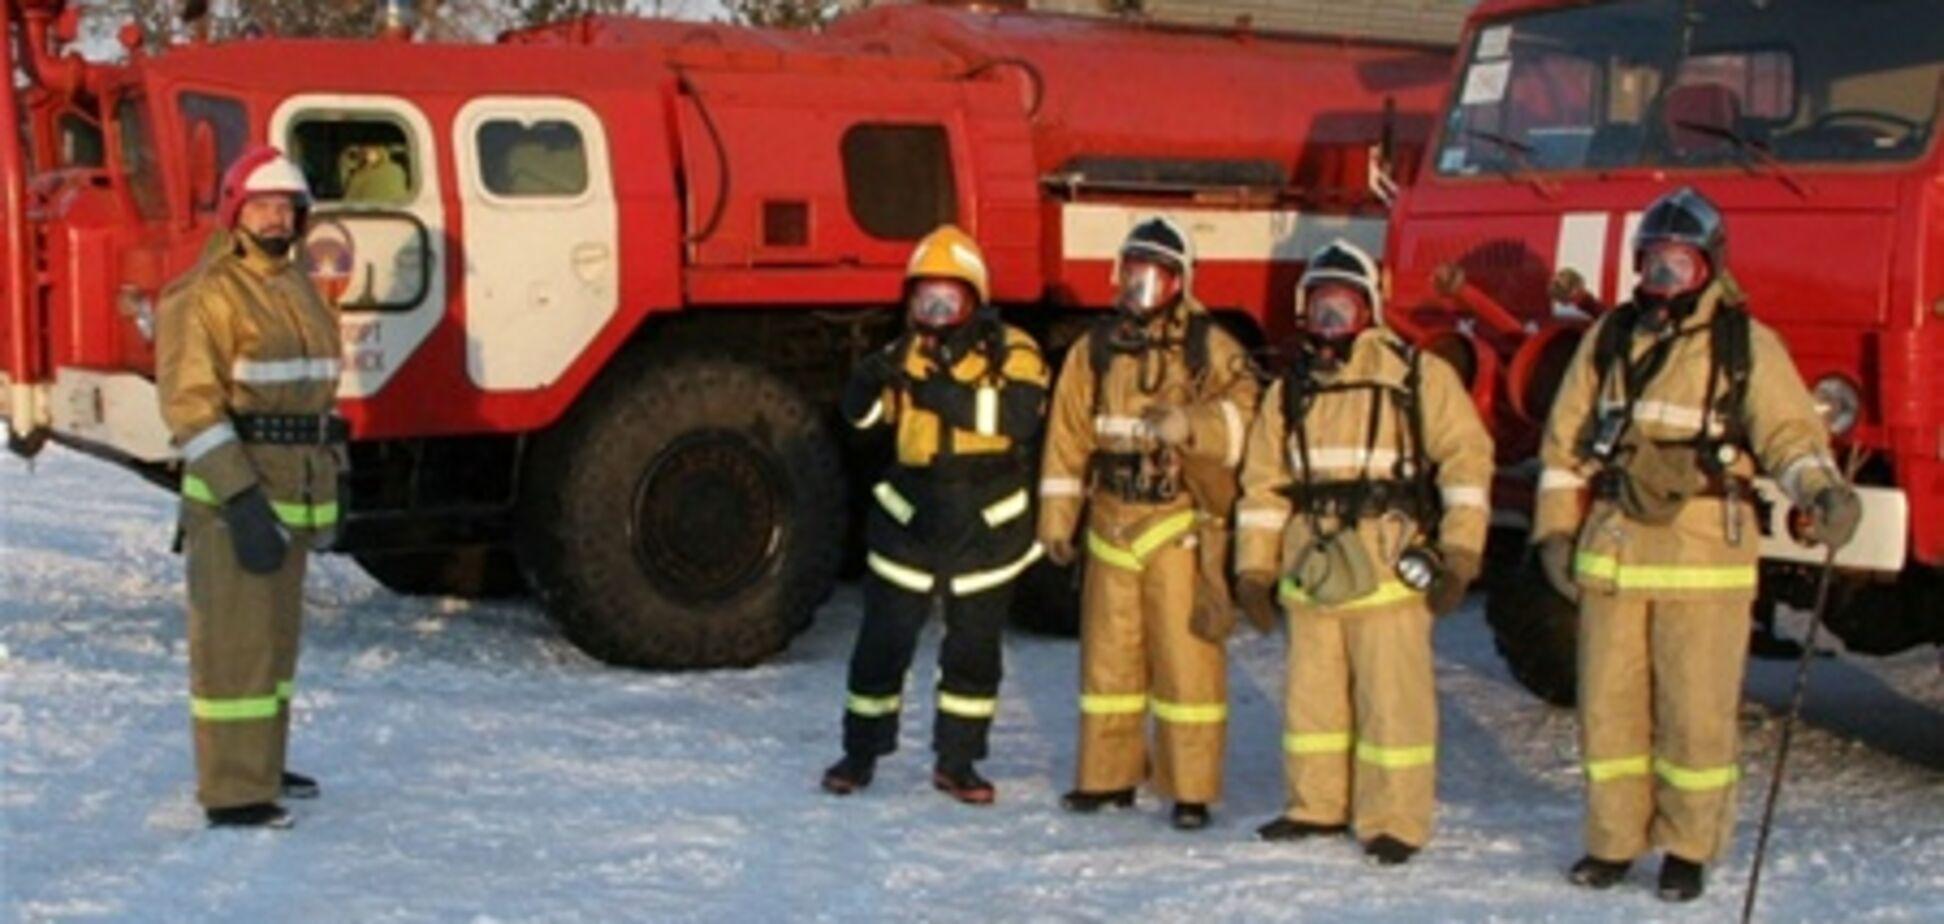 Дети подожгли школу, чтобы проверить, как быстро приедут пожарные